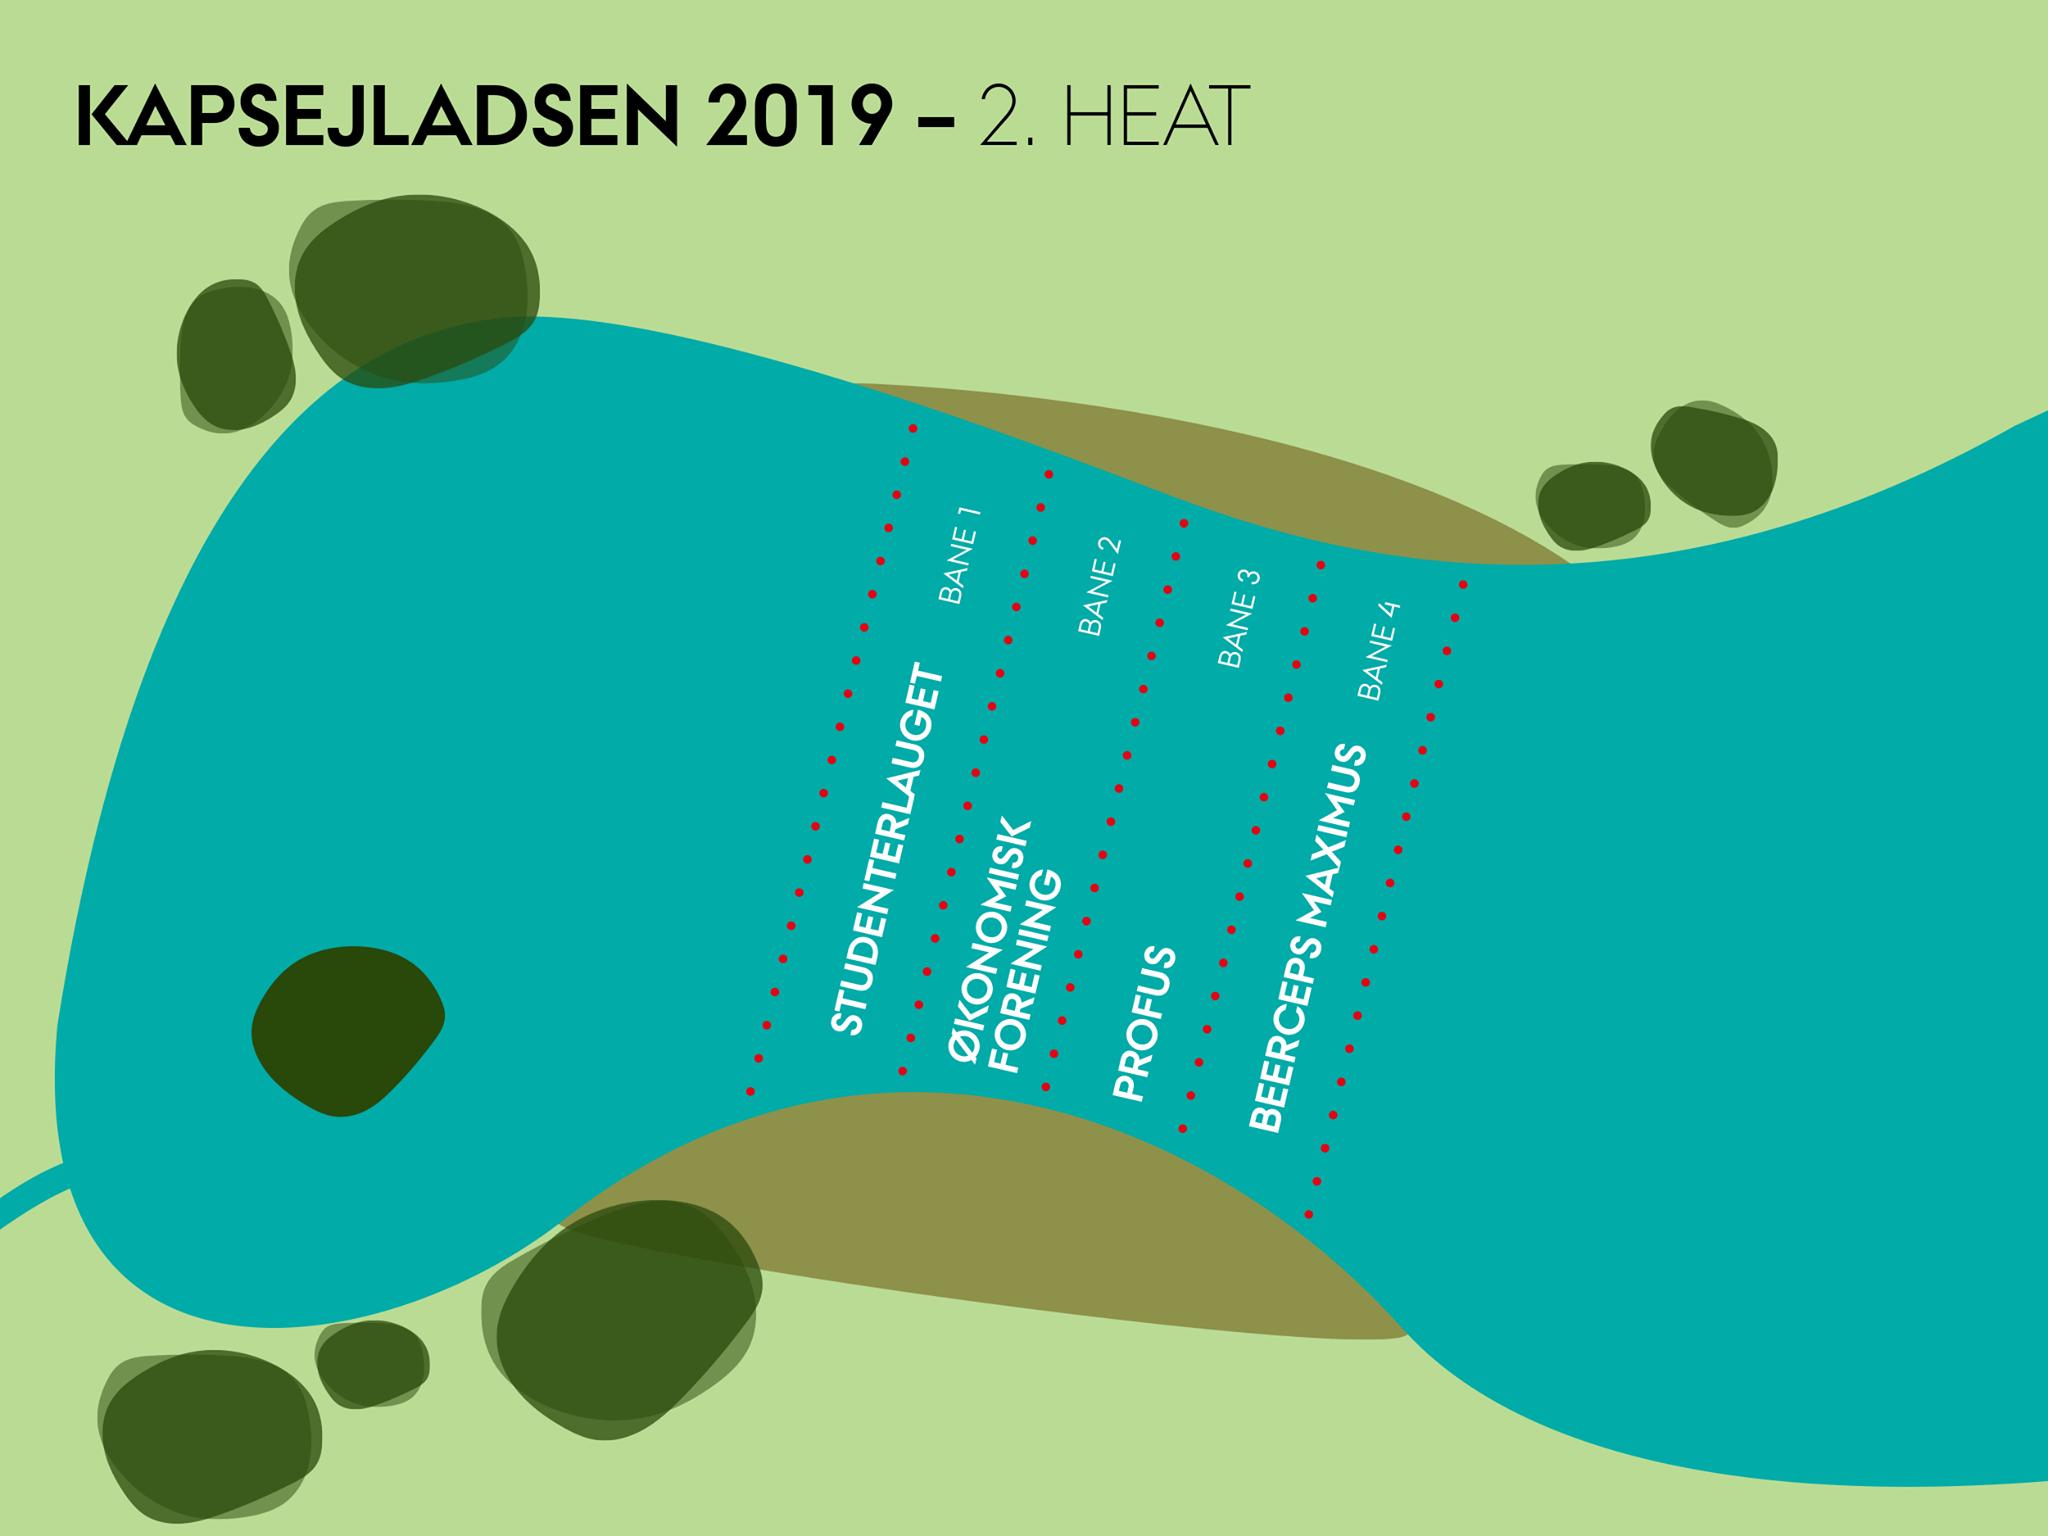 De fire deltagere ved 2. heat af Kapsejladsen 2019.